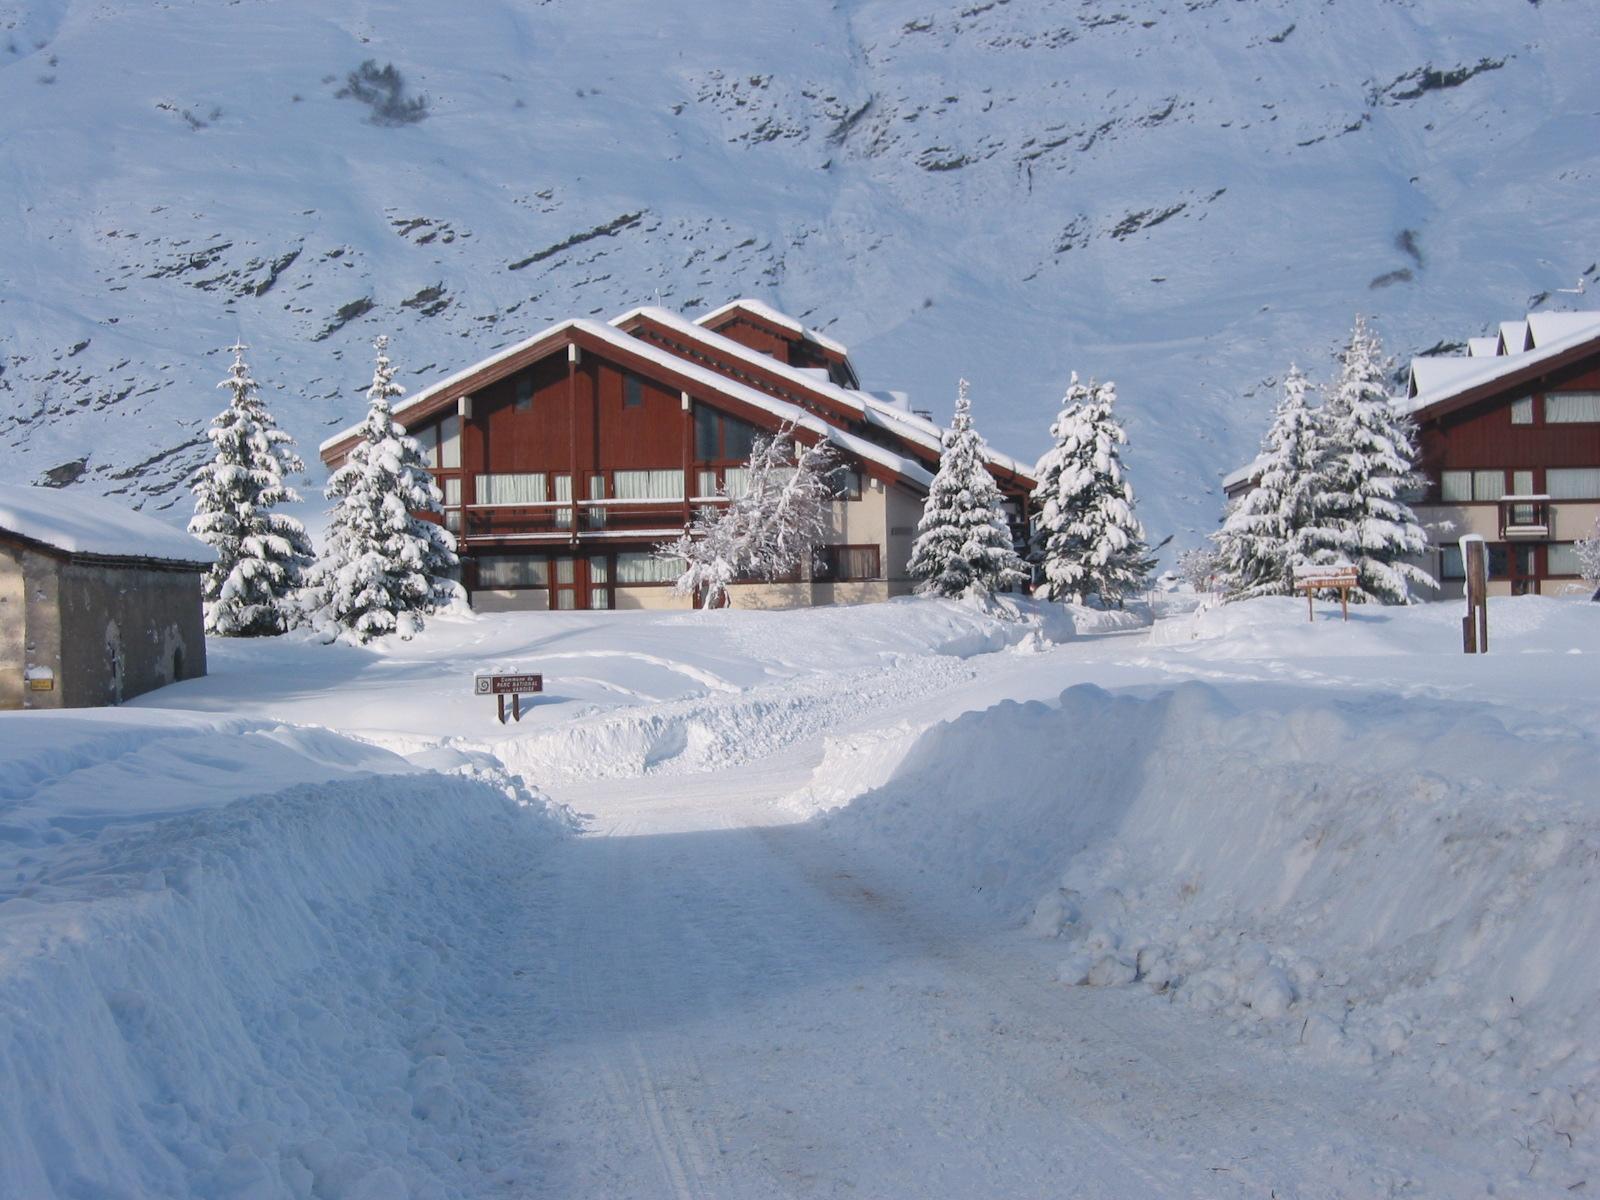 Hameau de la neige